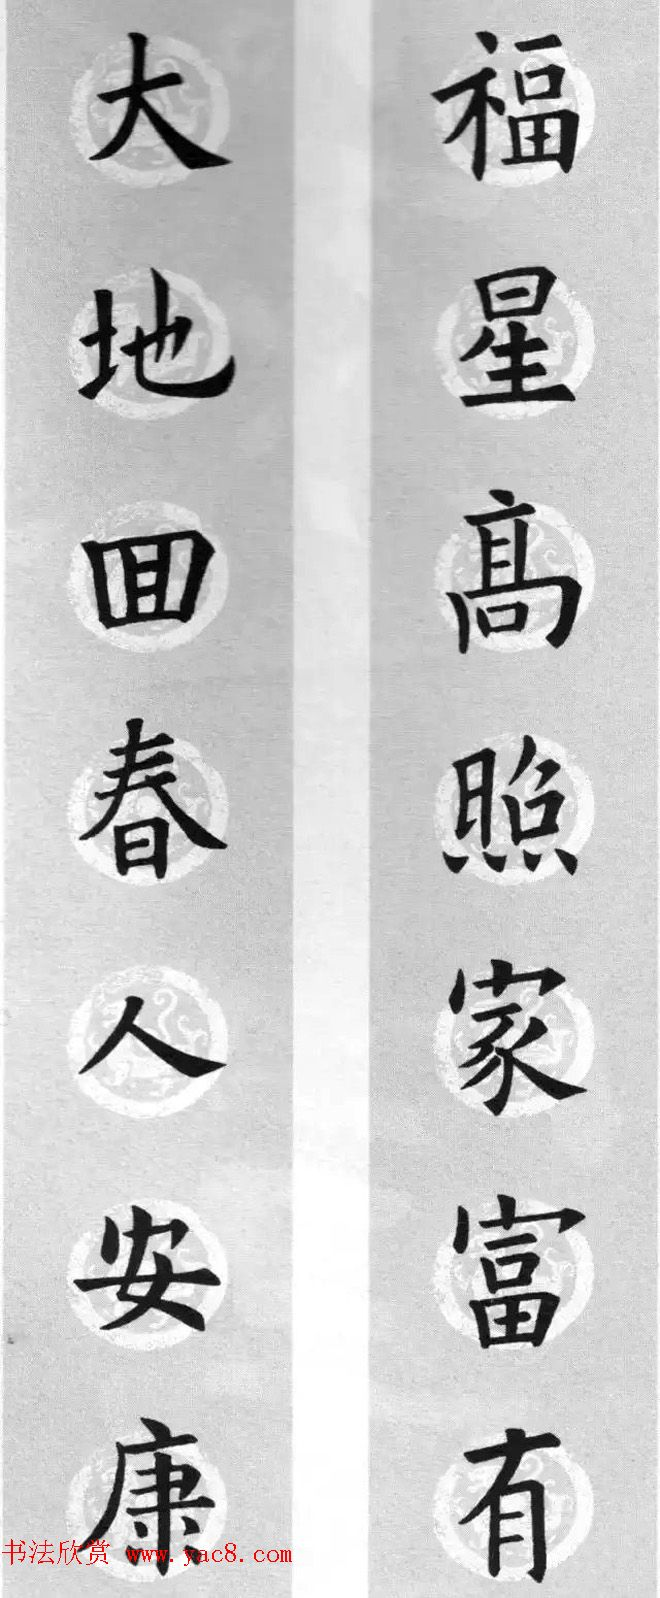 集字书法春联 欧阳询楷书七言对联合辑 第14页 书法专题 书法欣赏